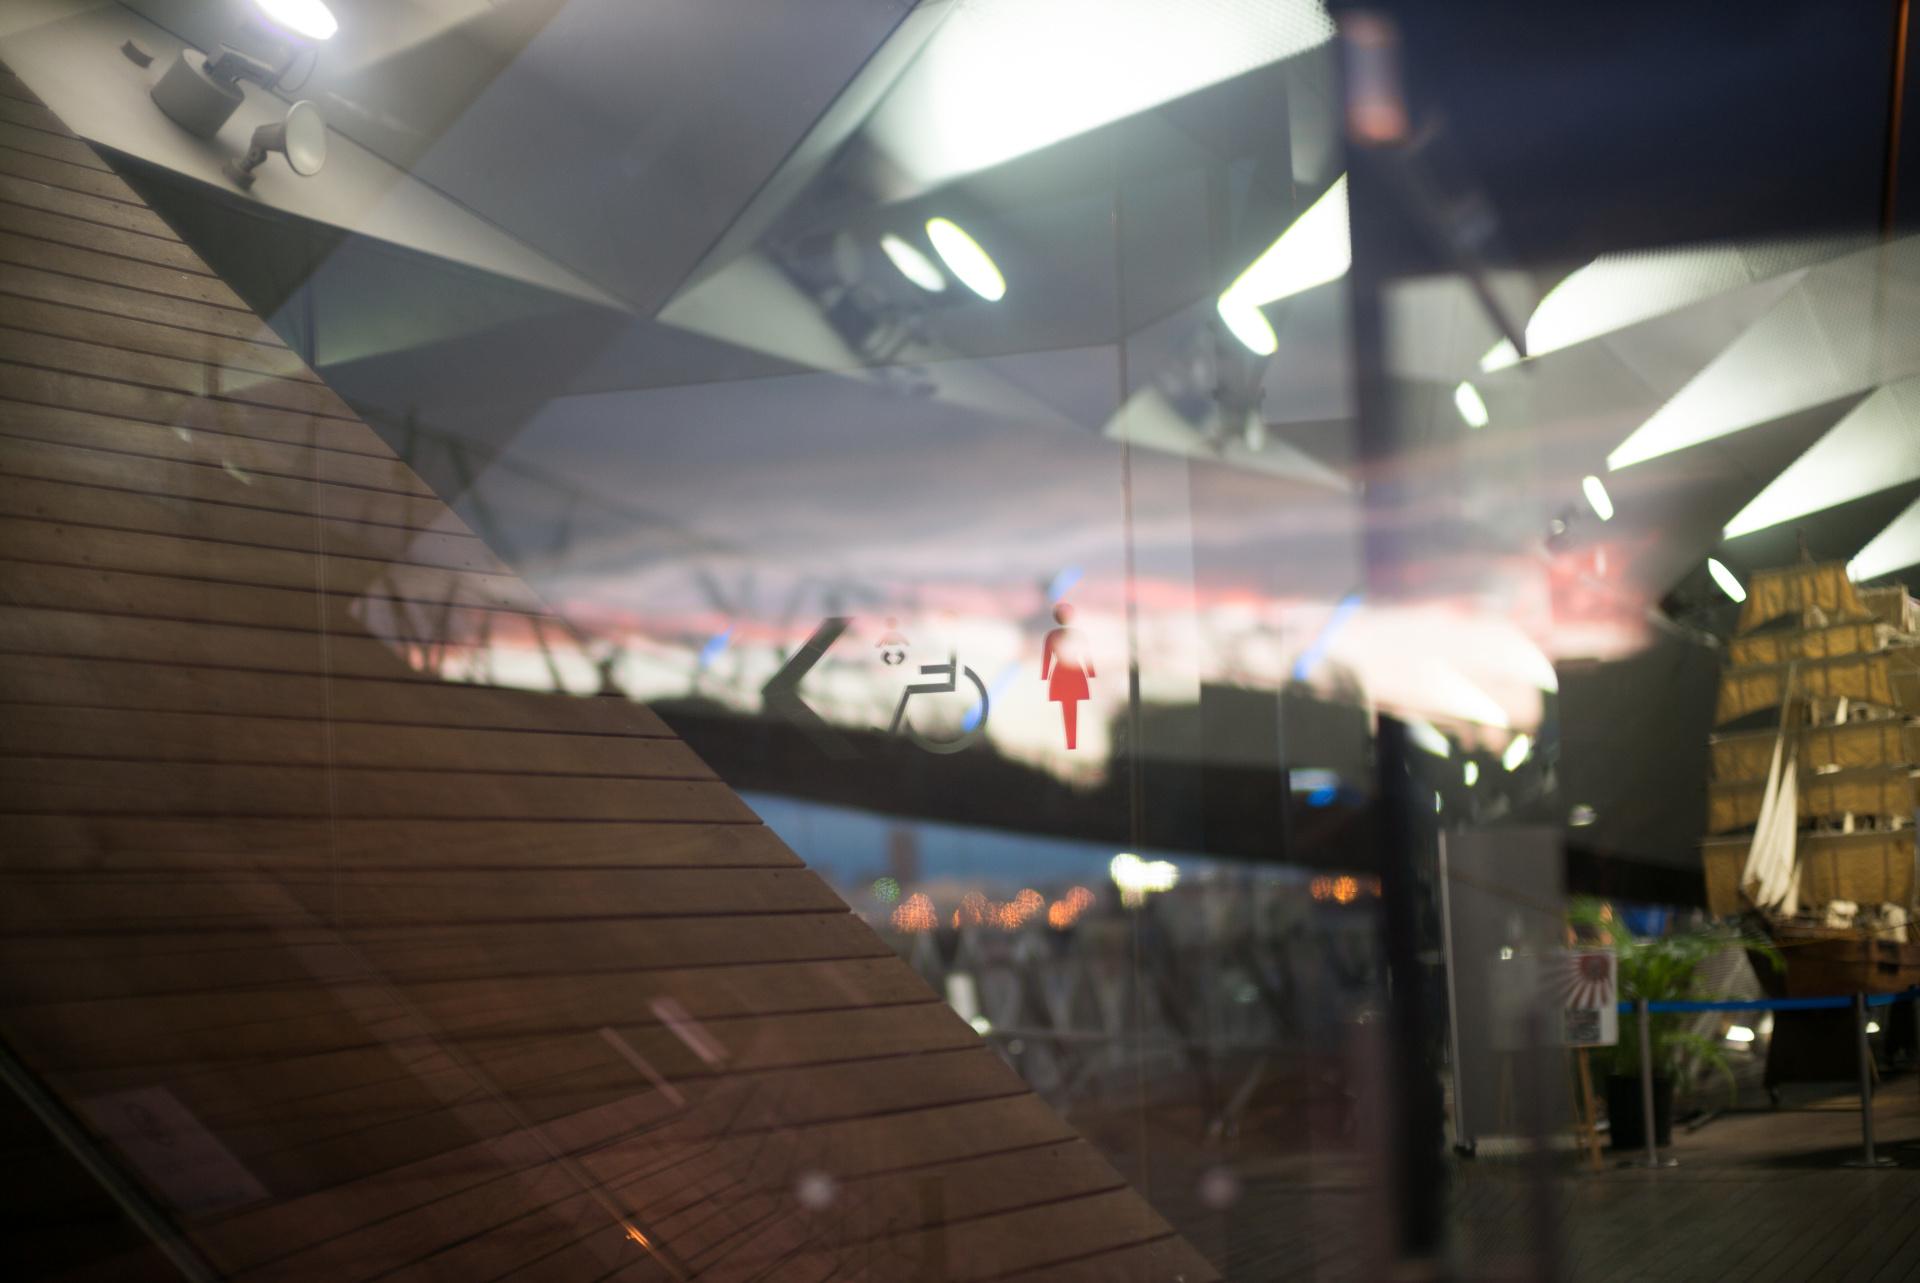 ガラスの反射と透過のマルチプルイメージも超大口径だと遠近感が増幅される。LEICA M(Typ240)/ ISO400 / F0.95 / 1/180秒 / WB:オート